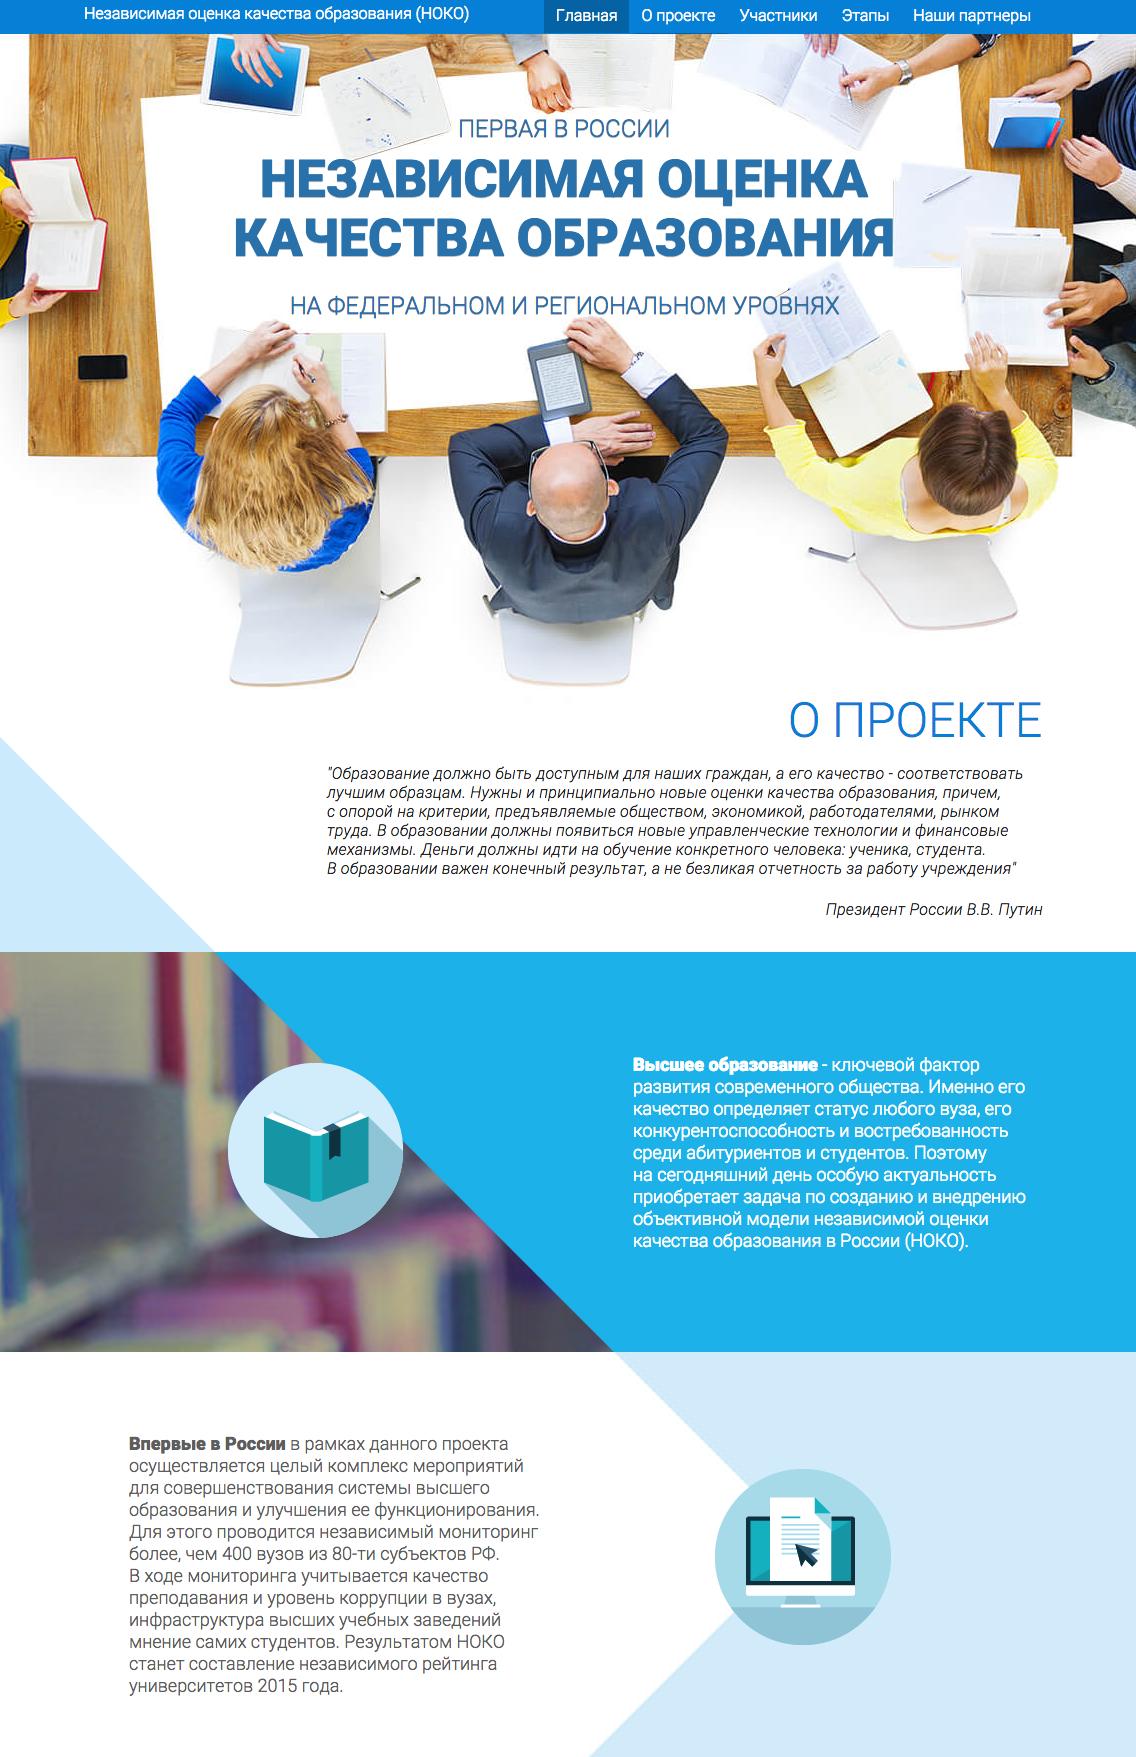 54. Независимая оценка качества образования от LPgenerator